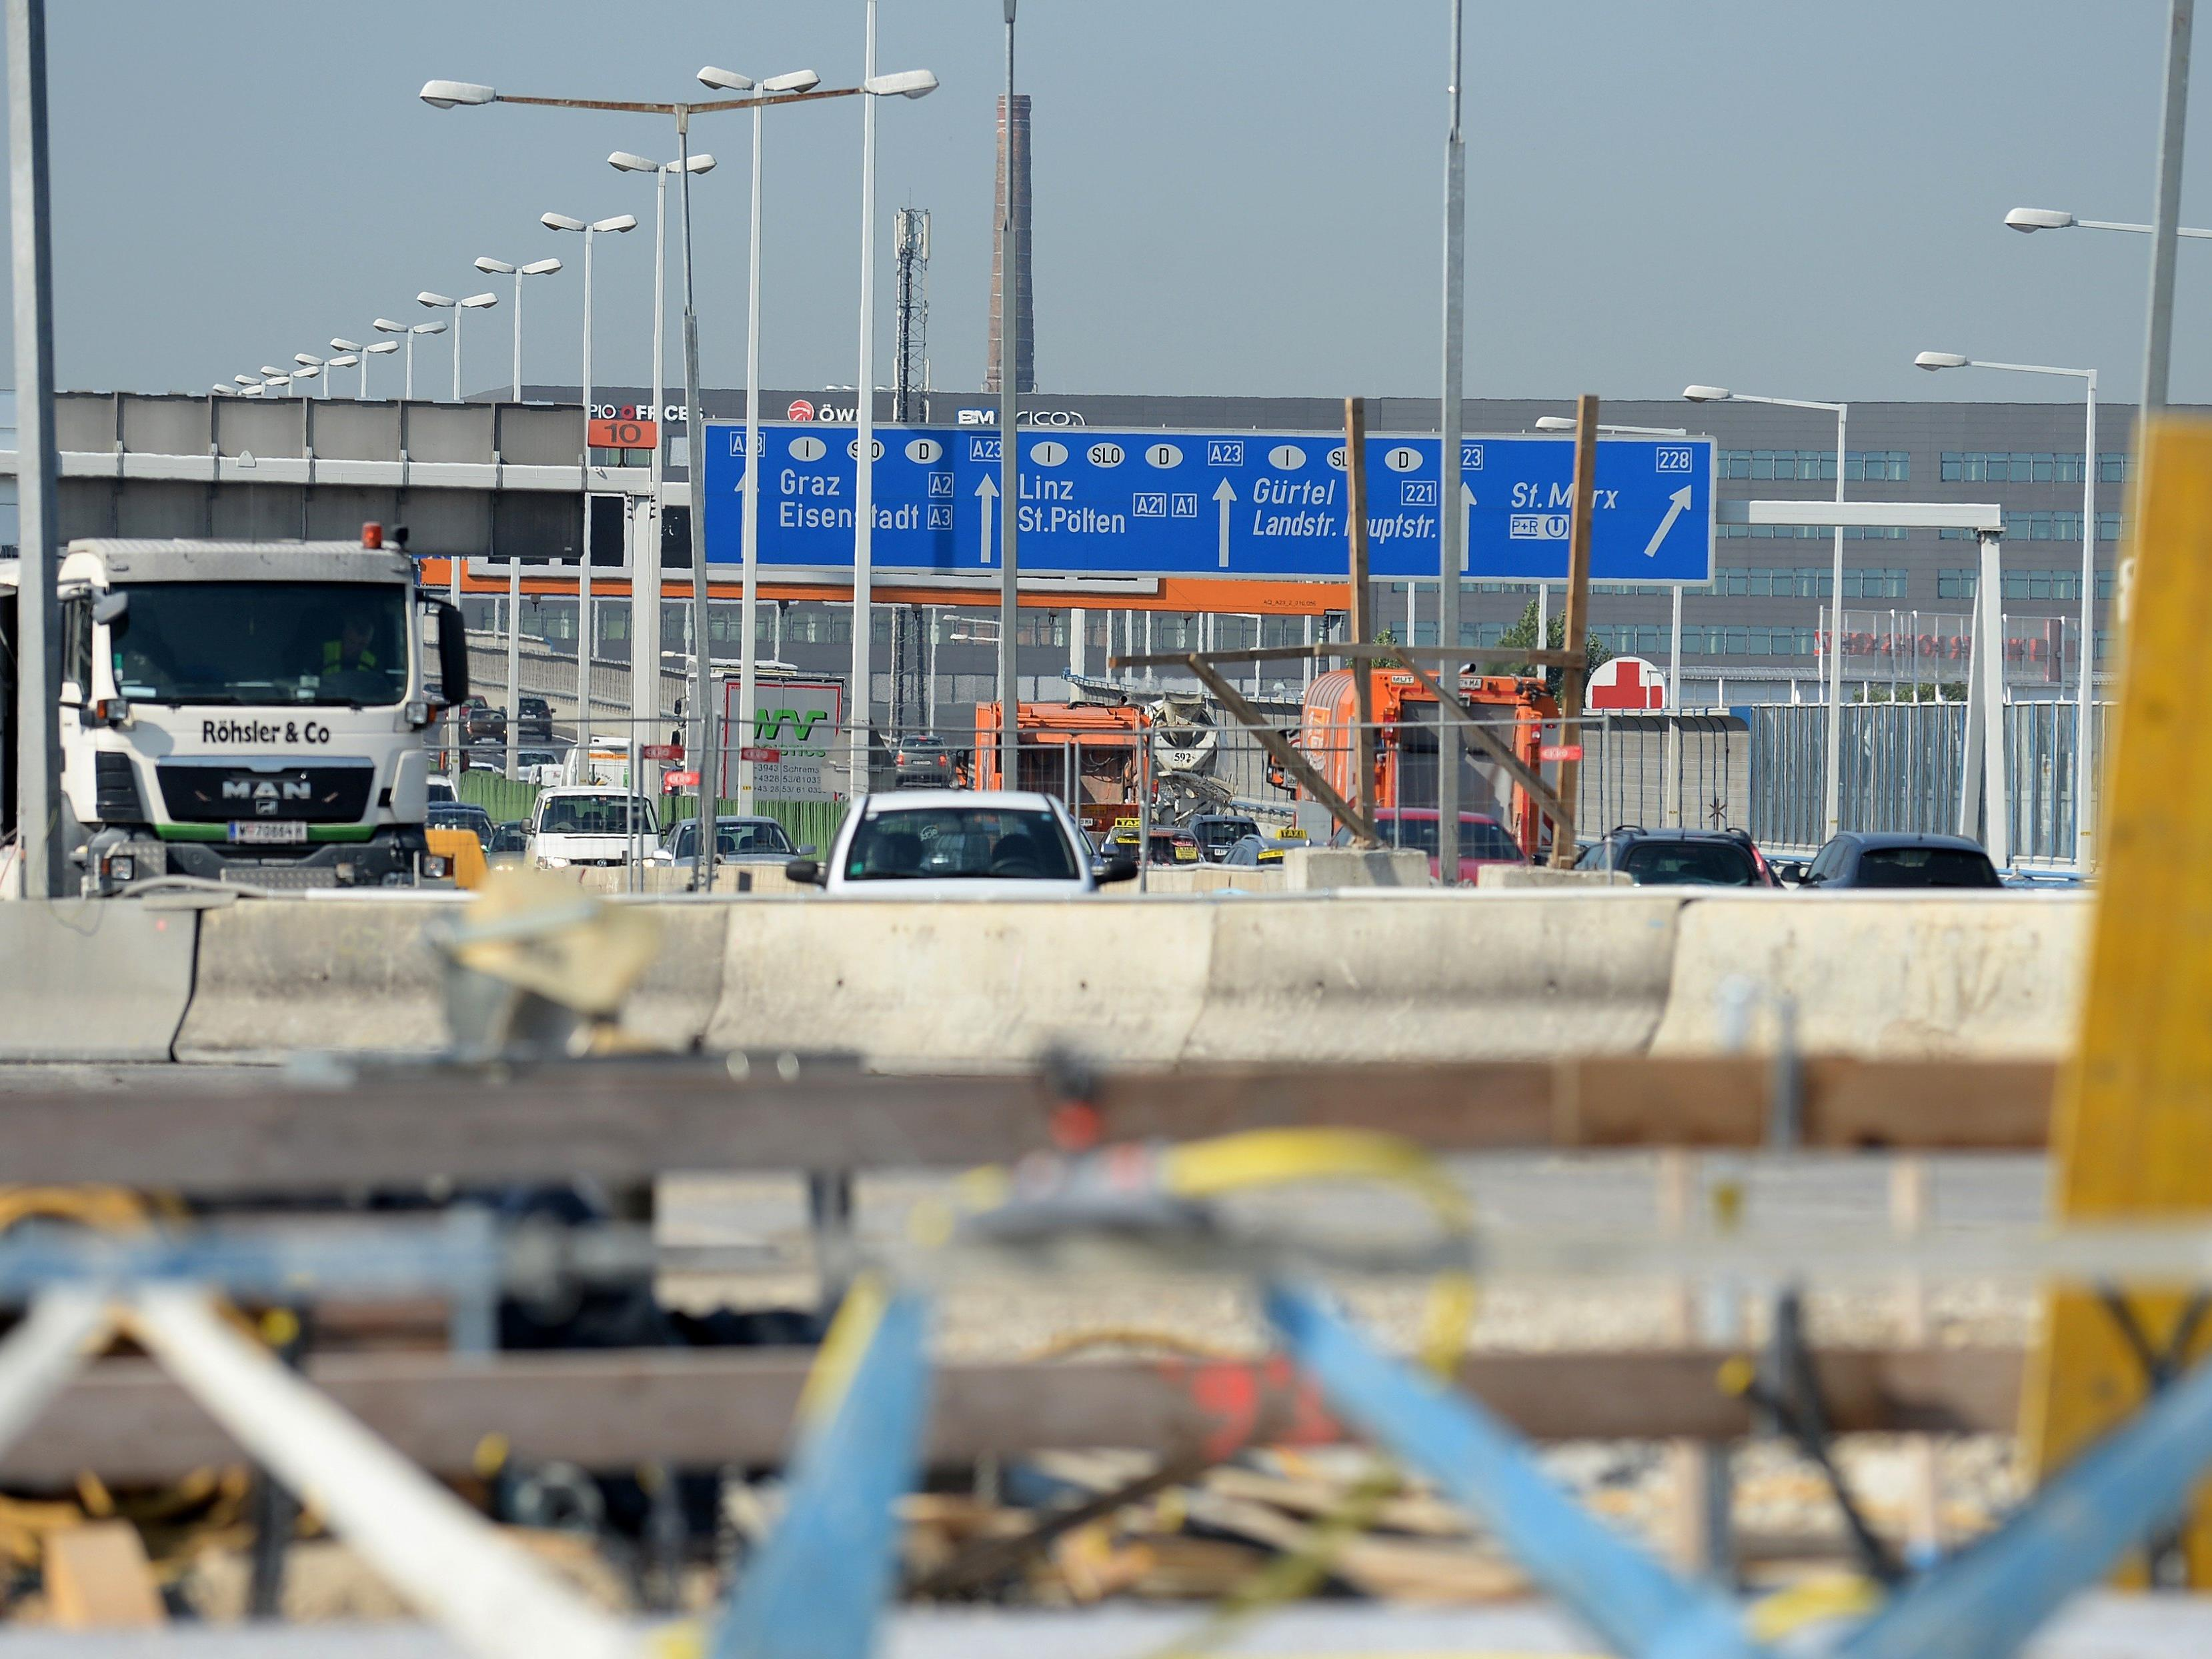 Eine Milliarde Euro werden heuer für den Ausbau von Autobahnen und Tunnel investiert.